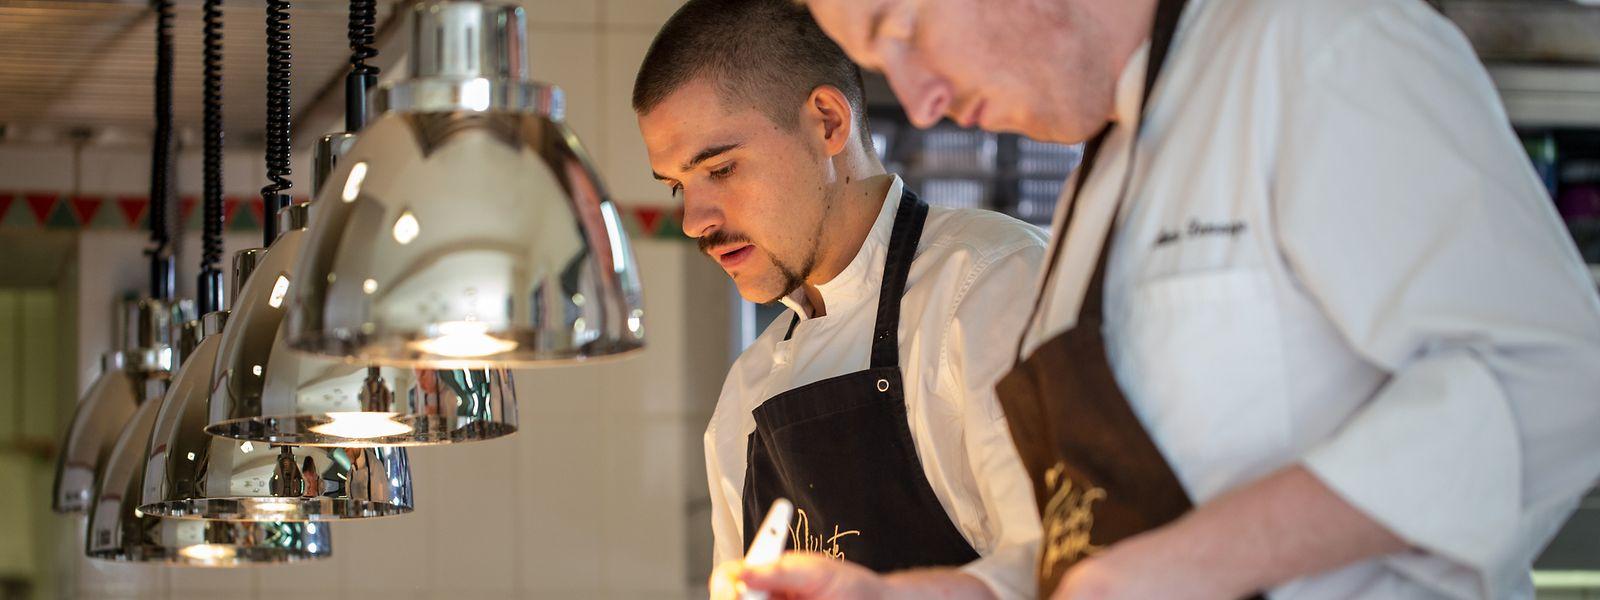 Louis Linster (li.) in der Küche seines Restaurants.